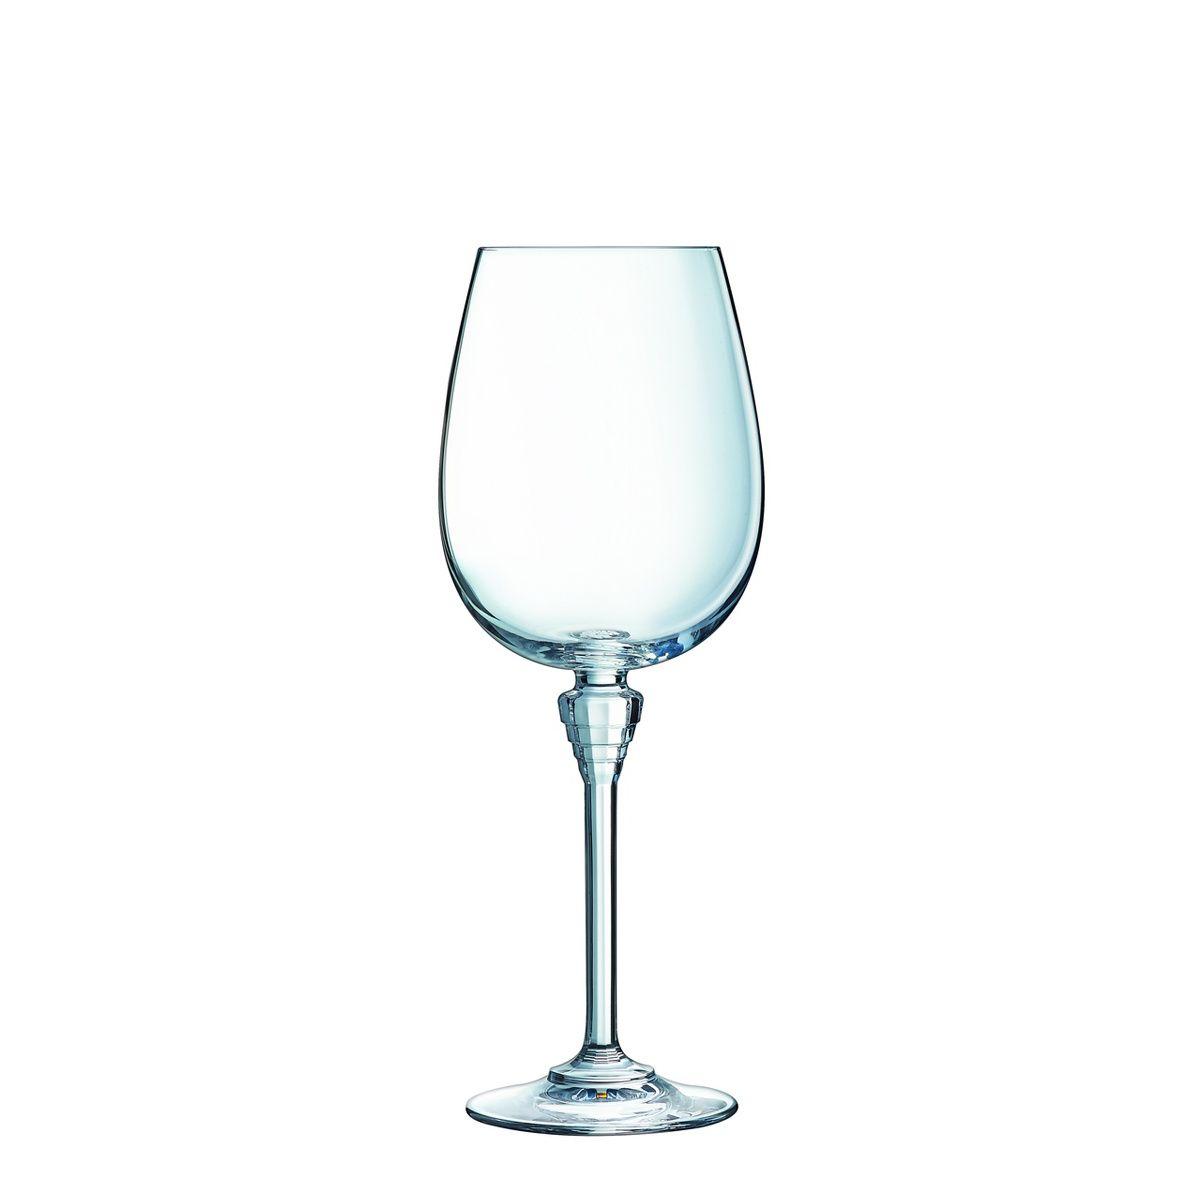 Набор бокалов д/вина 6 шт 350 млНабор из шести бокалов для вина AMARANTE от Cristal DArques – это отражение безупречного вкуса. Идеальные пропорции, вдохновленные стилем ар-деко, делают эти бокалы прекрасным украшением семейного торжества и романтической встречи, которые запомнятся в том числе волшебной игрой бликов на ободках бокалов. Набор будет радовать вас своей долговечностью: выполненные из материала прочнее и прозрачнее хрусталя бокалы, более устойчивы к ударам и царапинам, нежели хрусталь и даже после 500 моек в посудомоечной машине не теряют своего кристального блеска и непревзойденной чистоты. Благодаря этому материалу – сверхпрочному хрустальному стеклу вы услышите необычайно чистый и прозрачный звук - звон бокалов станет настоящей музыкой. Оцените вкус вина подобно профессиональным дегустаторам, которые как раз таки пользуются бокалами формы «баллон». Набор бокалов из капсульной коллекции AMARANTE бренда Cristal DArques – это выбор настоящих эстетов, чьи торжества всегда проходят на высоте.<br>